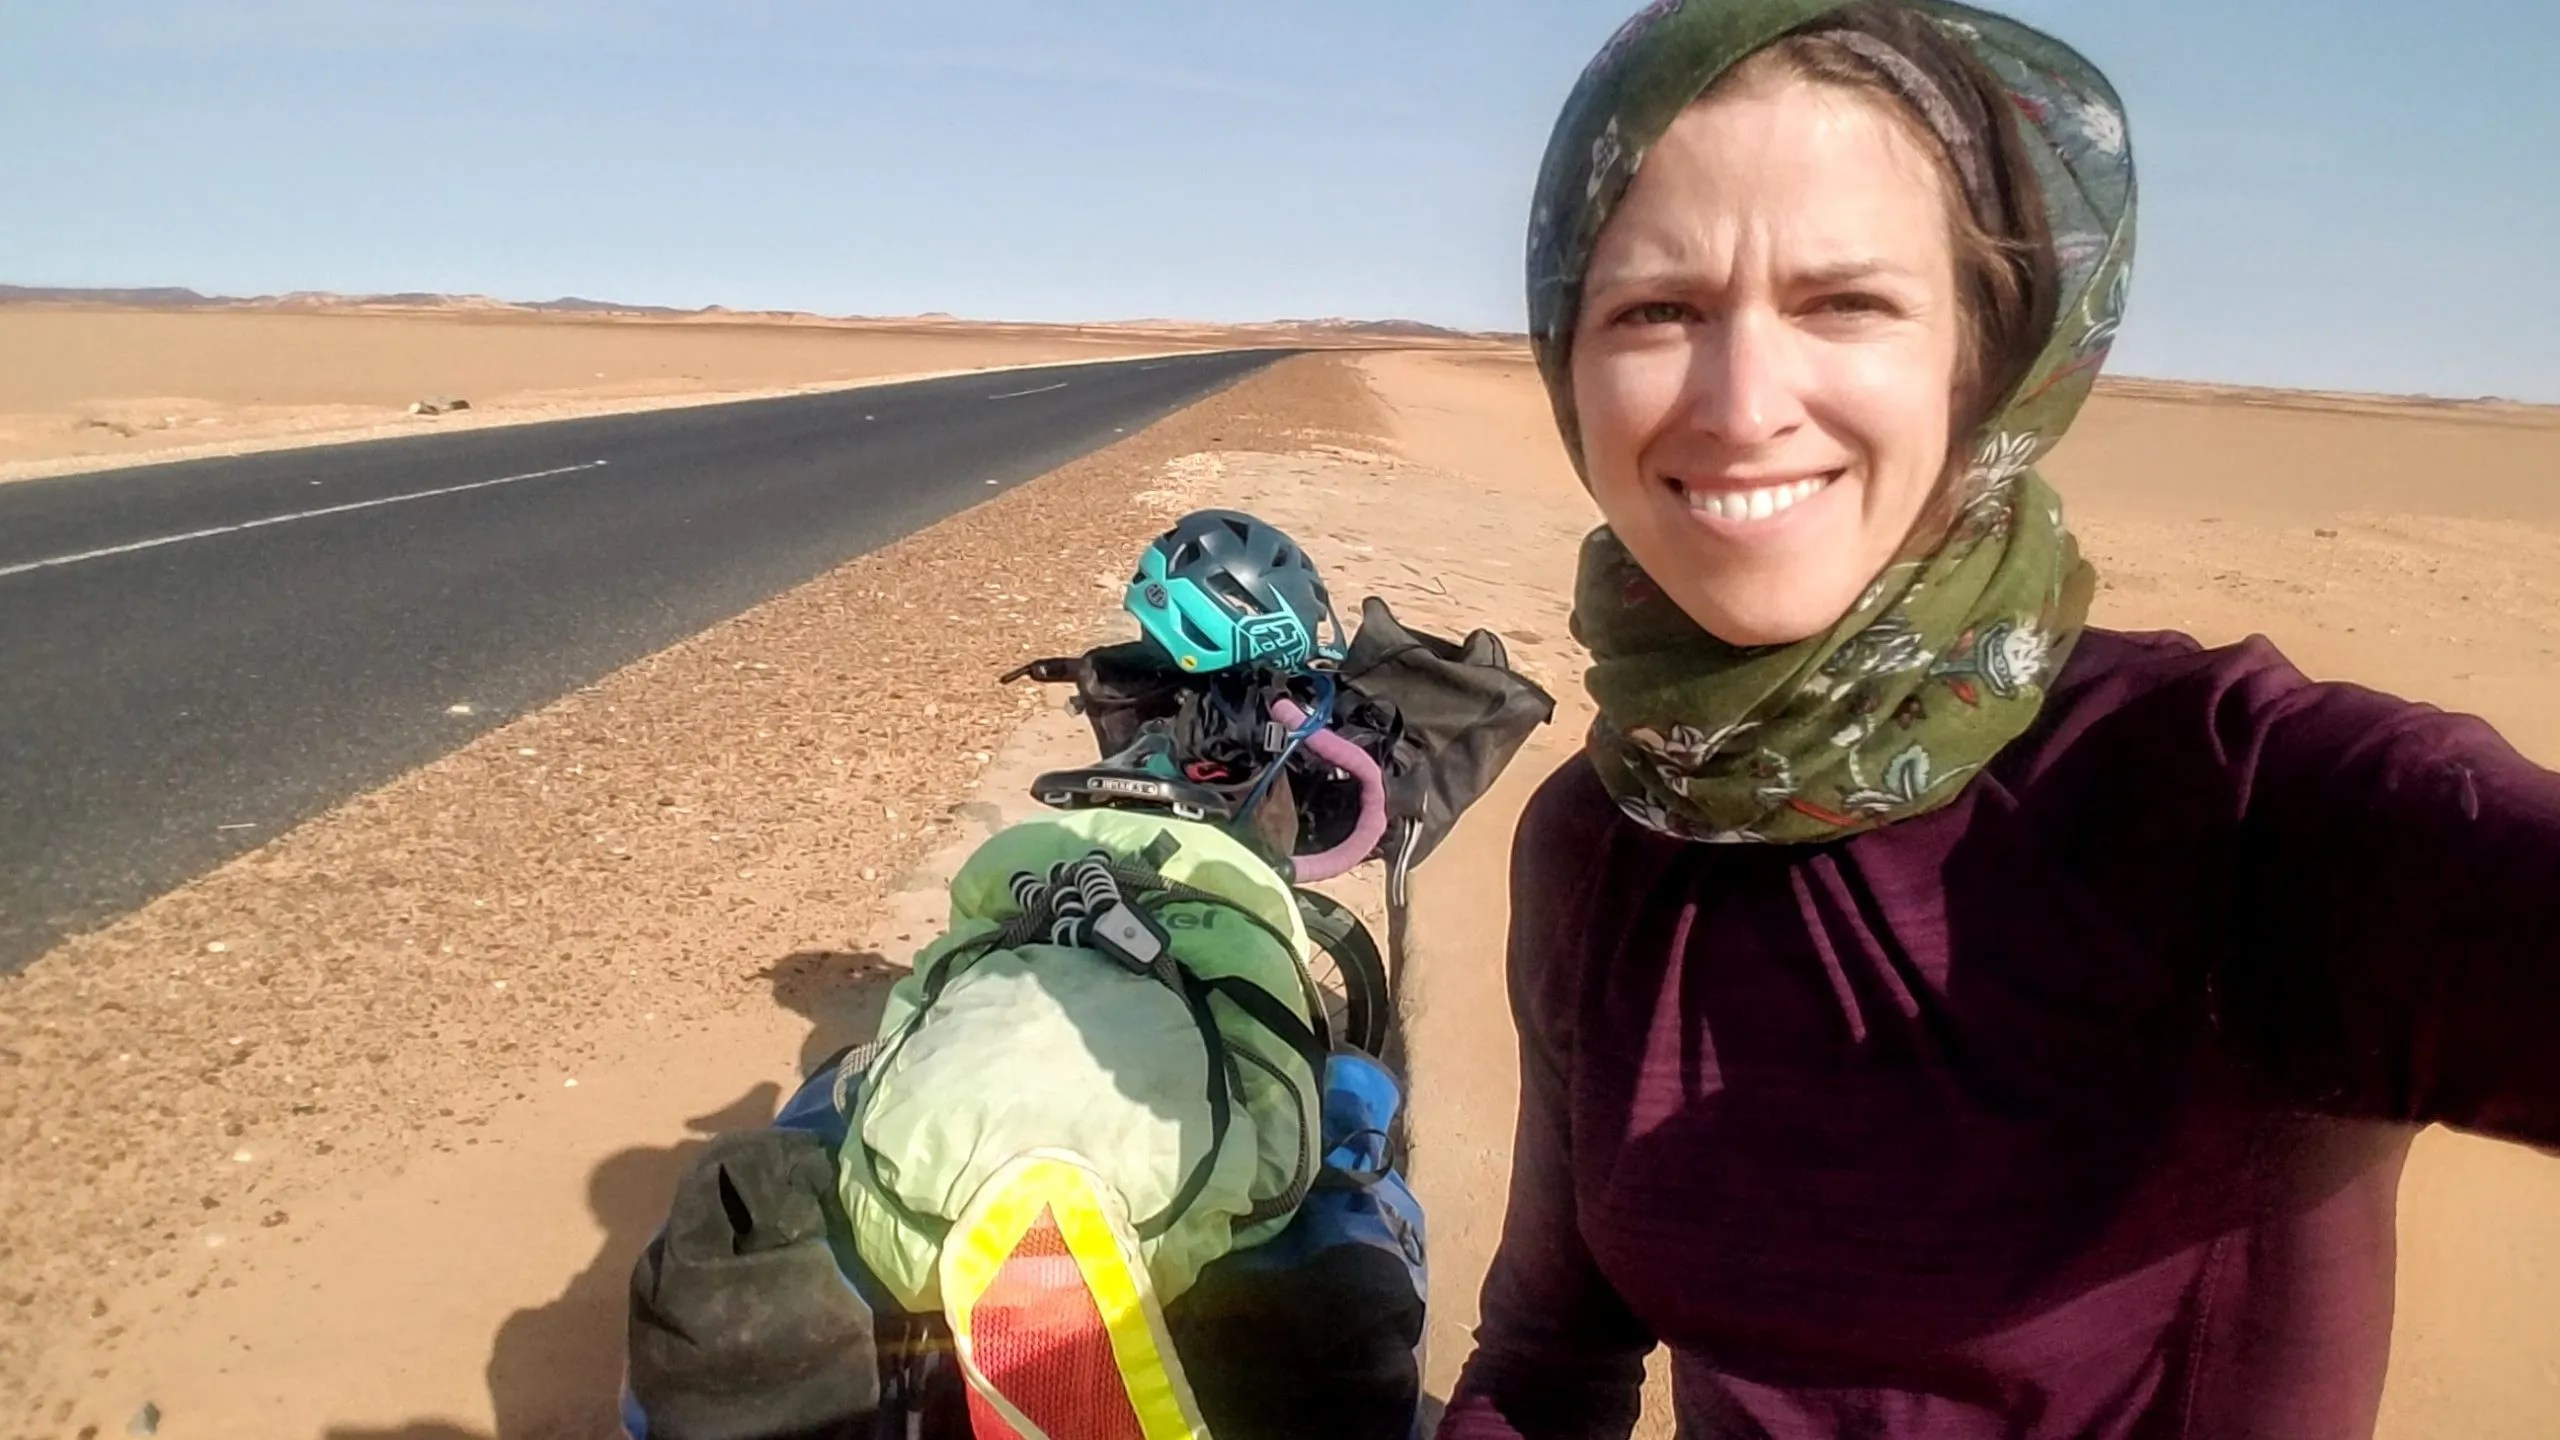 L'hijab nike pro 2.0 è realizzato in morbido mesh traspirante con piccoli fori per una traspirabilità ottimale. What Should Travelers Both Women And Men Wear In Sudan Exploring Wild